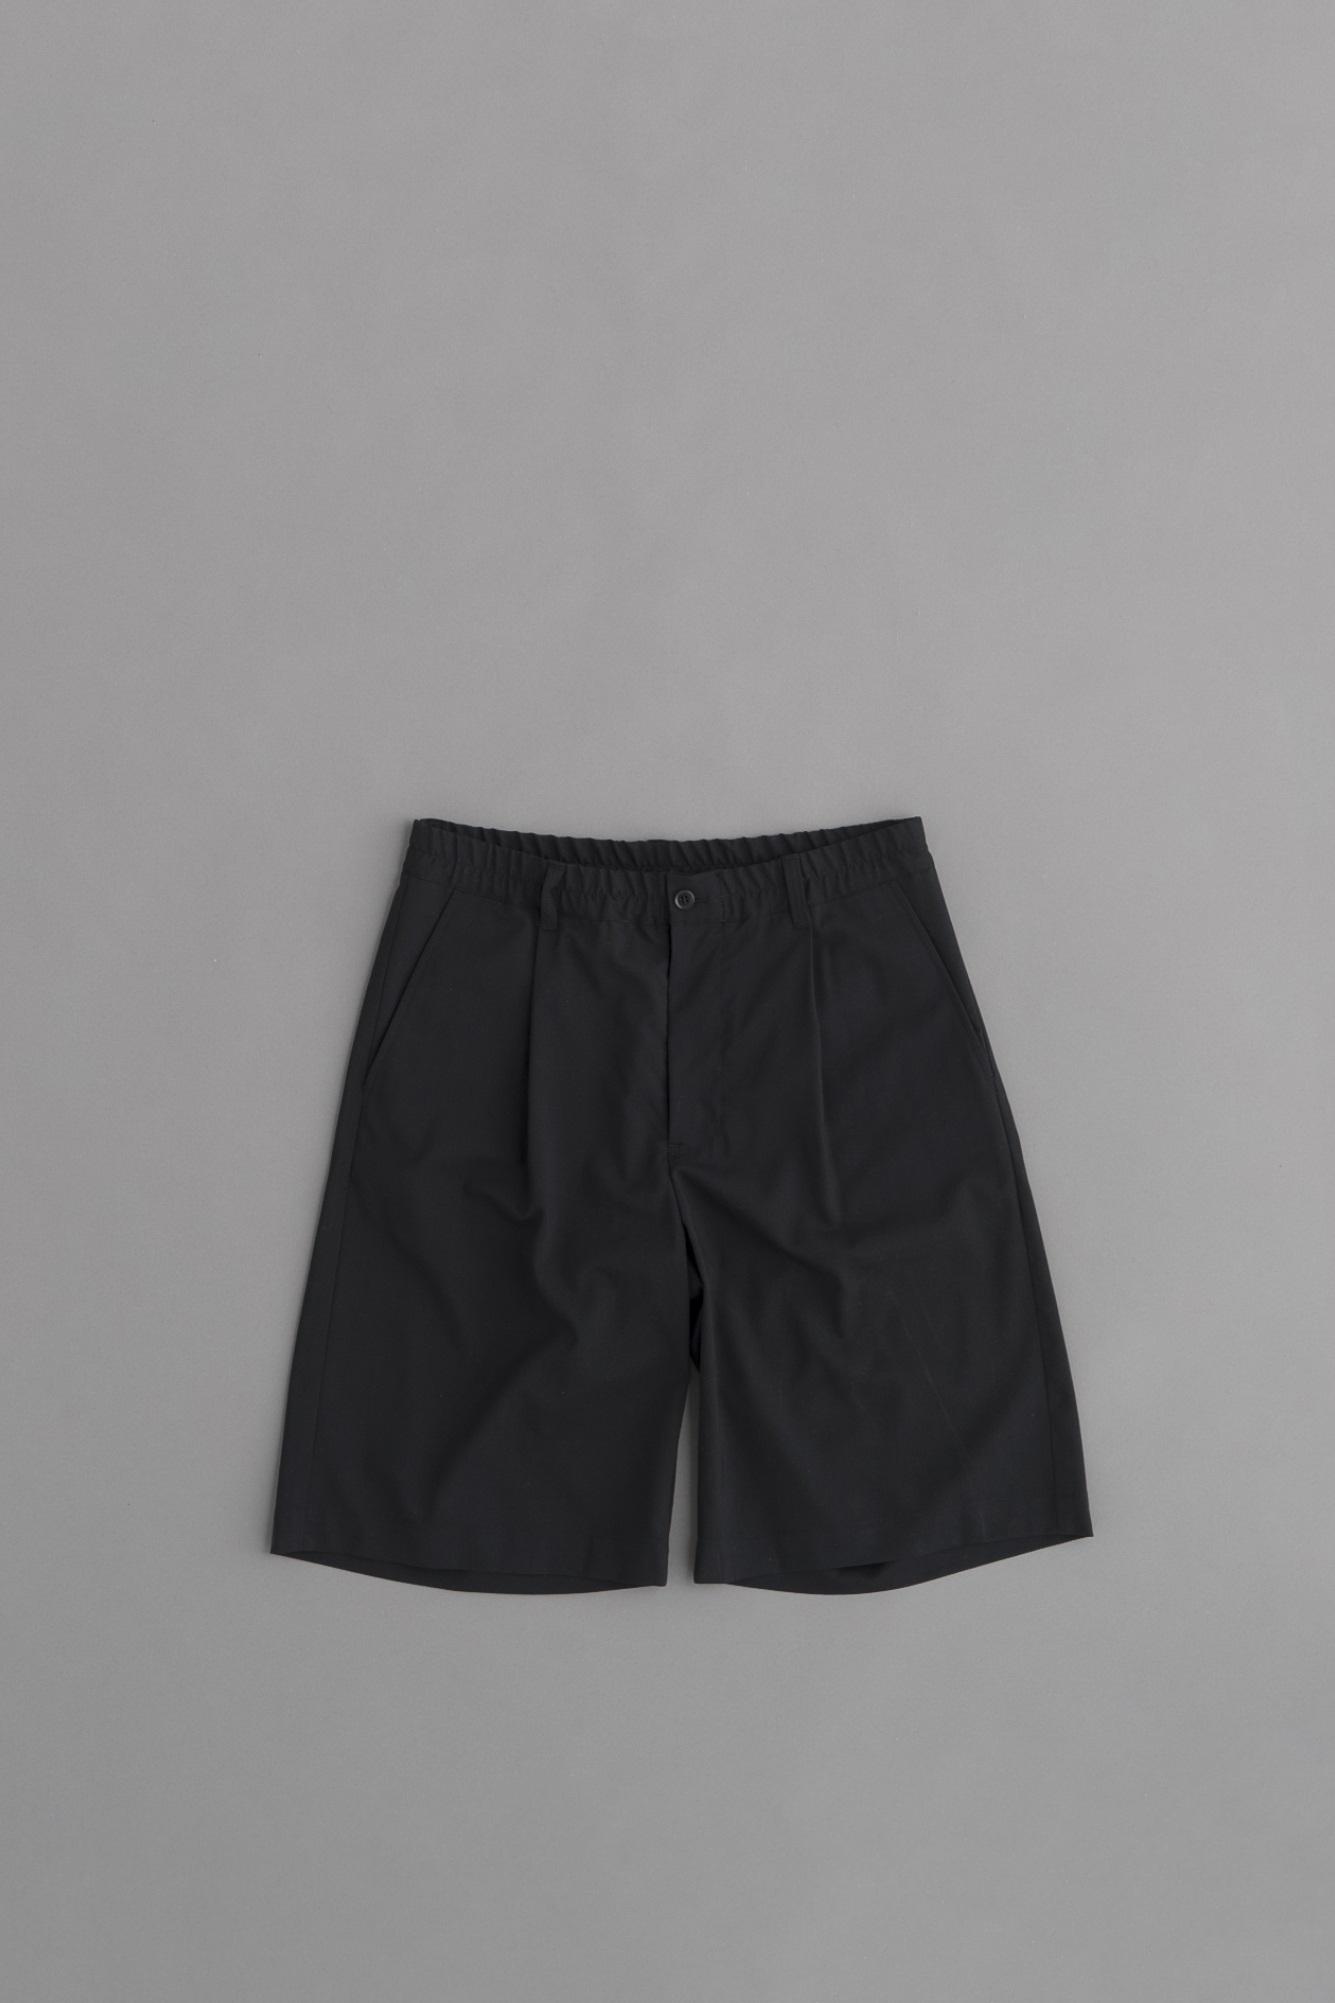 STILL BY HAND Summer Wool Shorts_d0120442_1432257.jpg